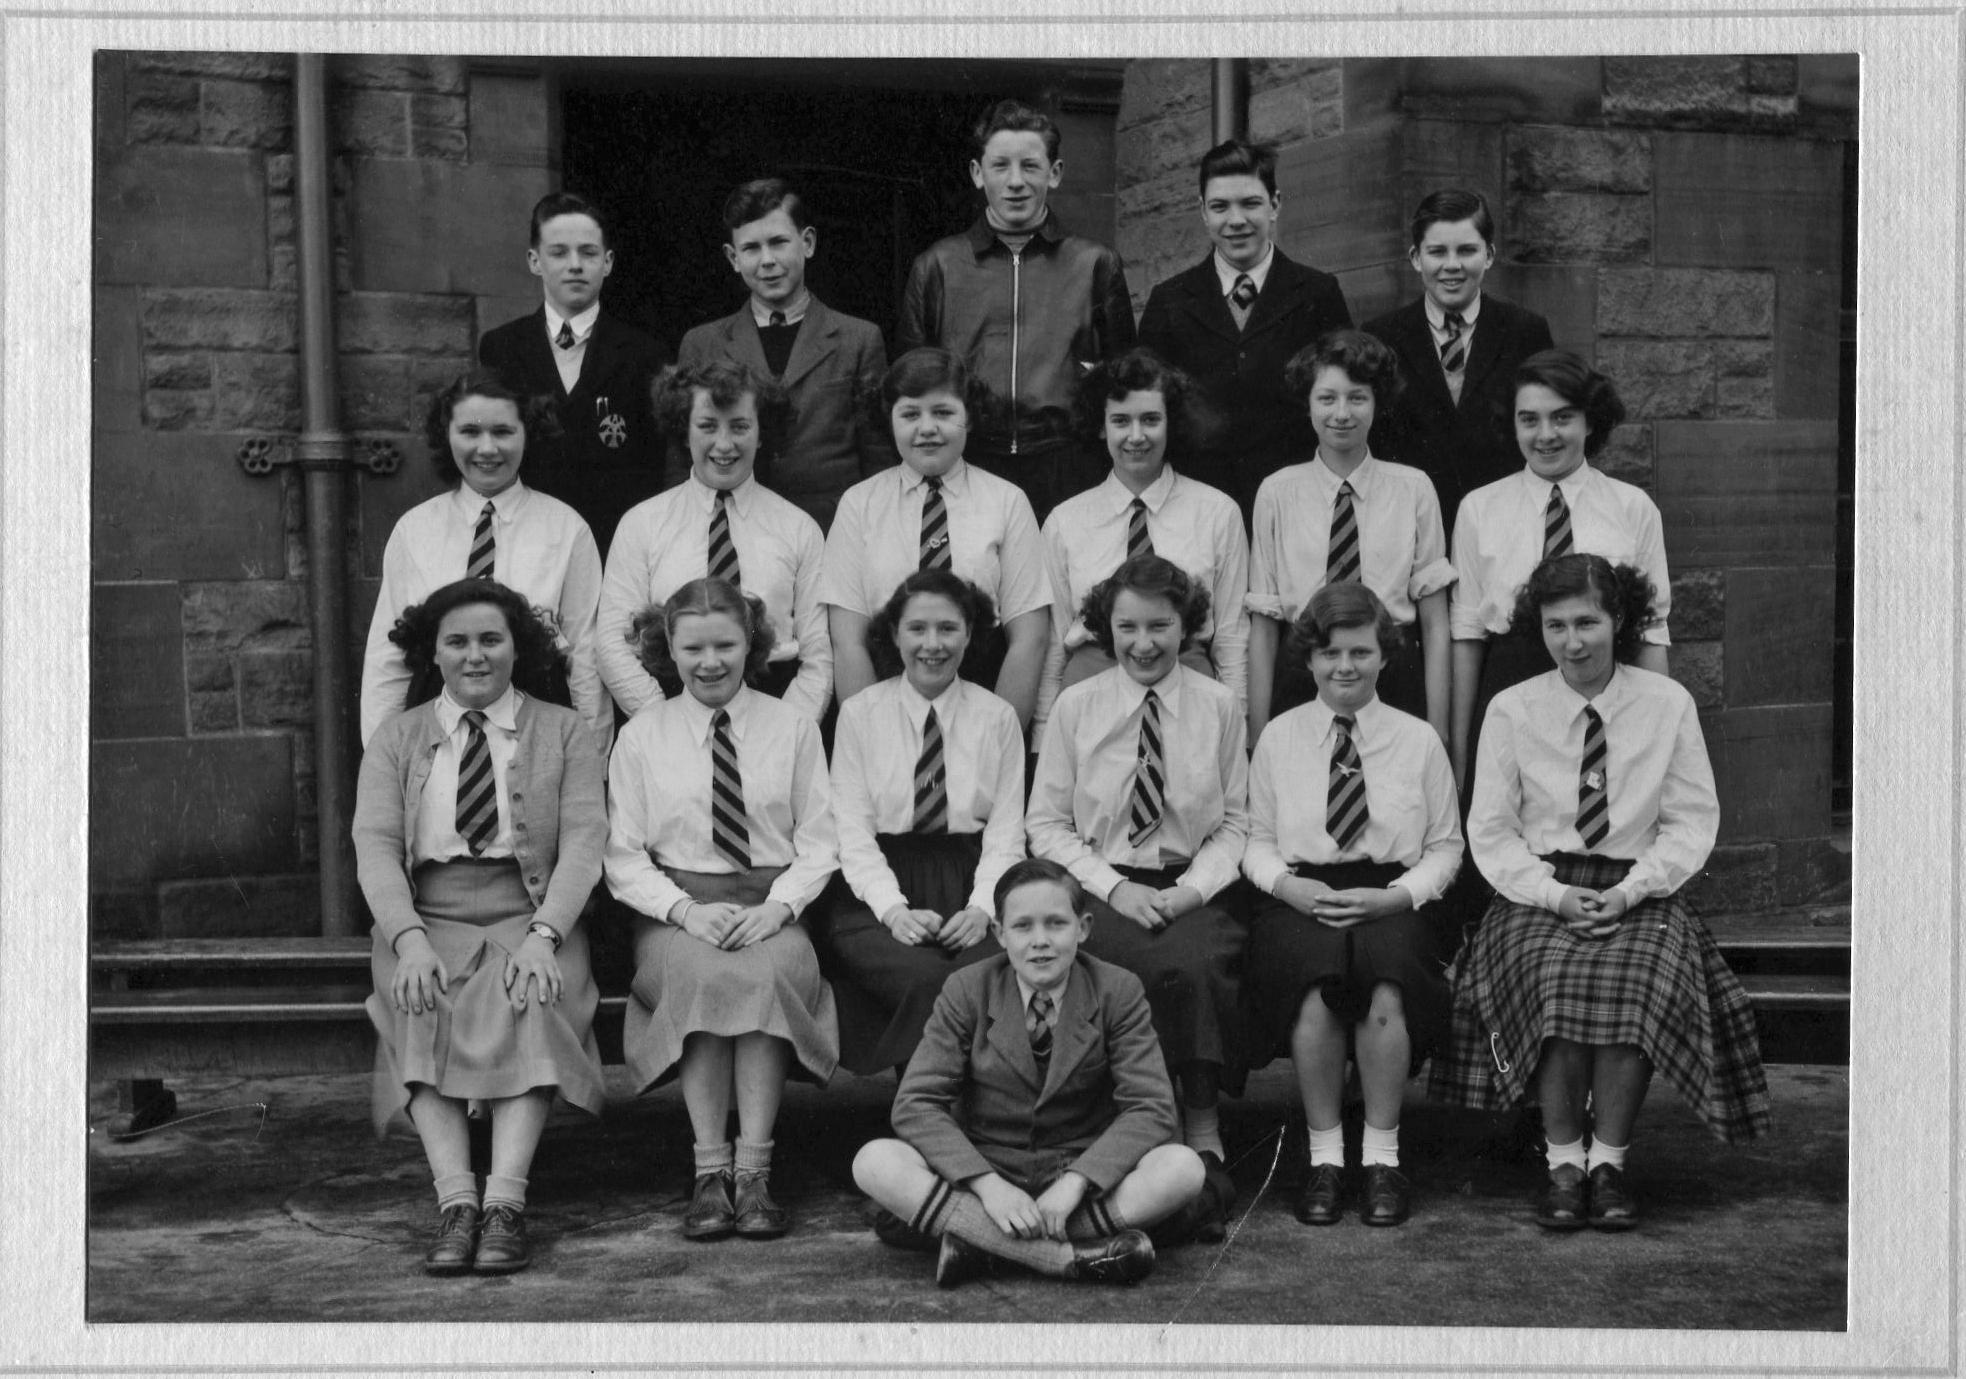 Trinity Academy Class Portrait 1948/49